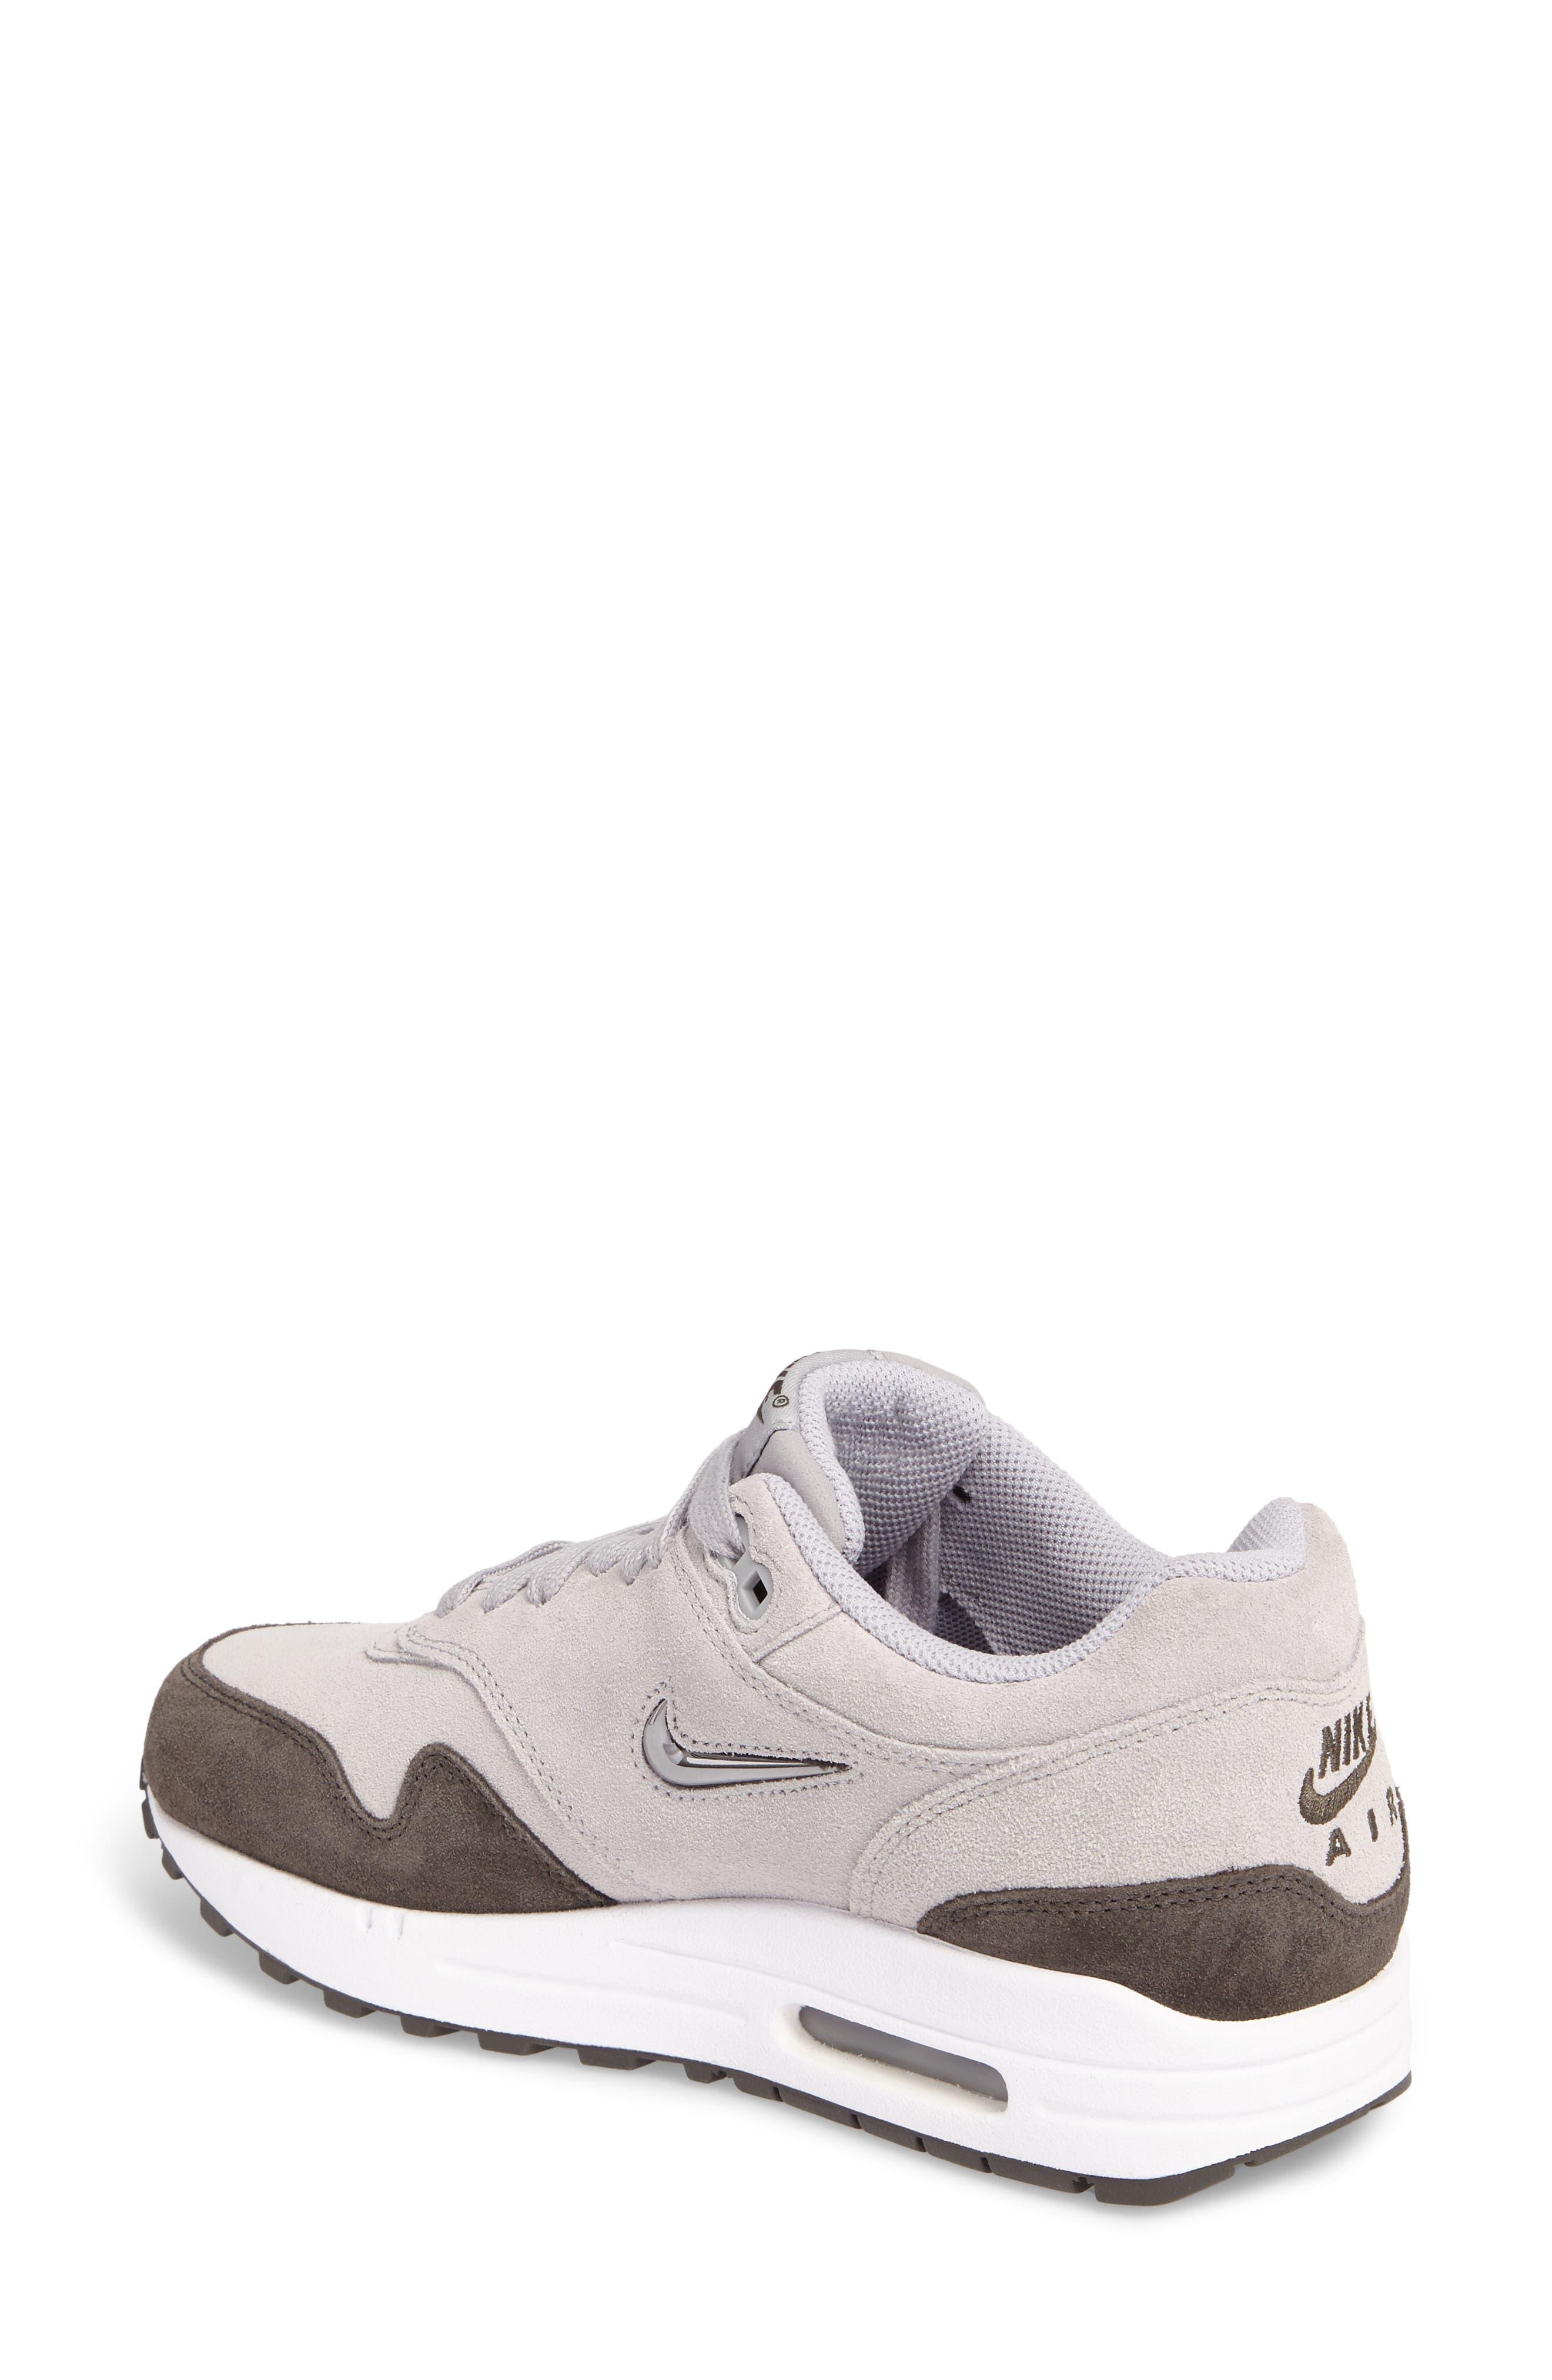 Air Max 1 Premium SC Sneaker,                             Alternate thumbnail 2, color,                             020